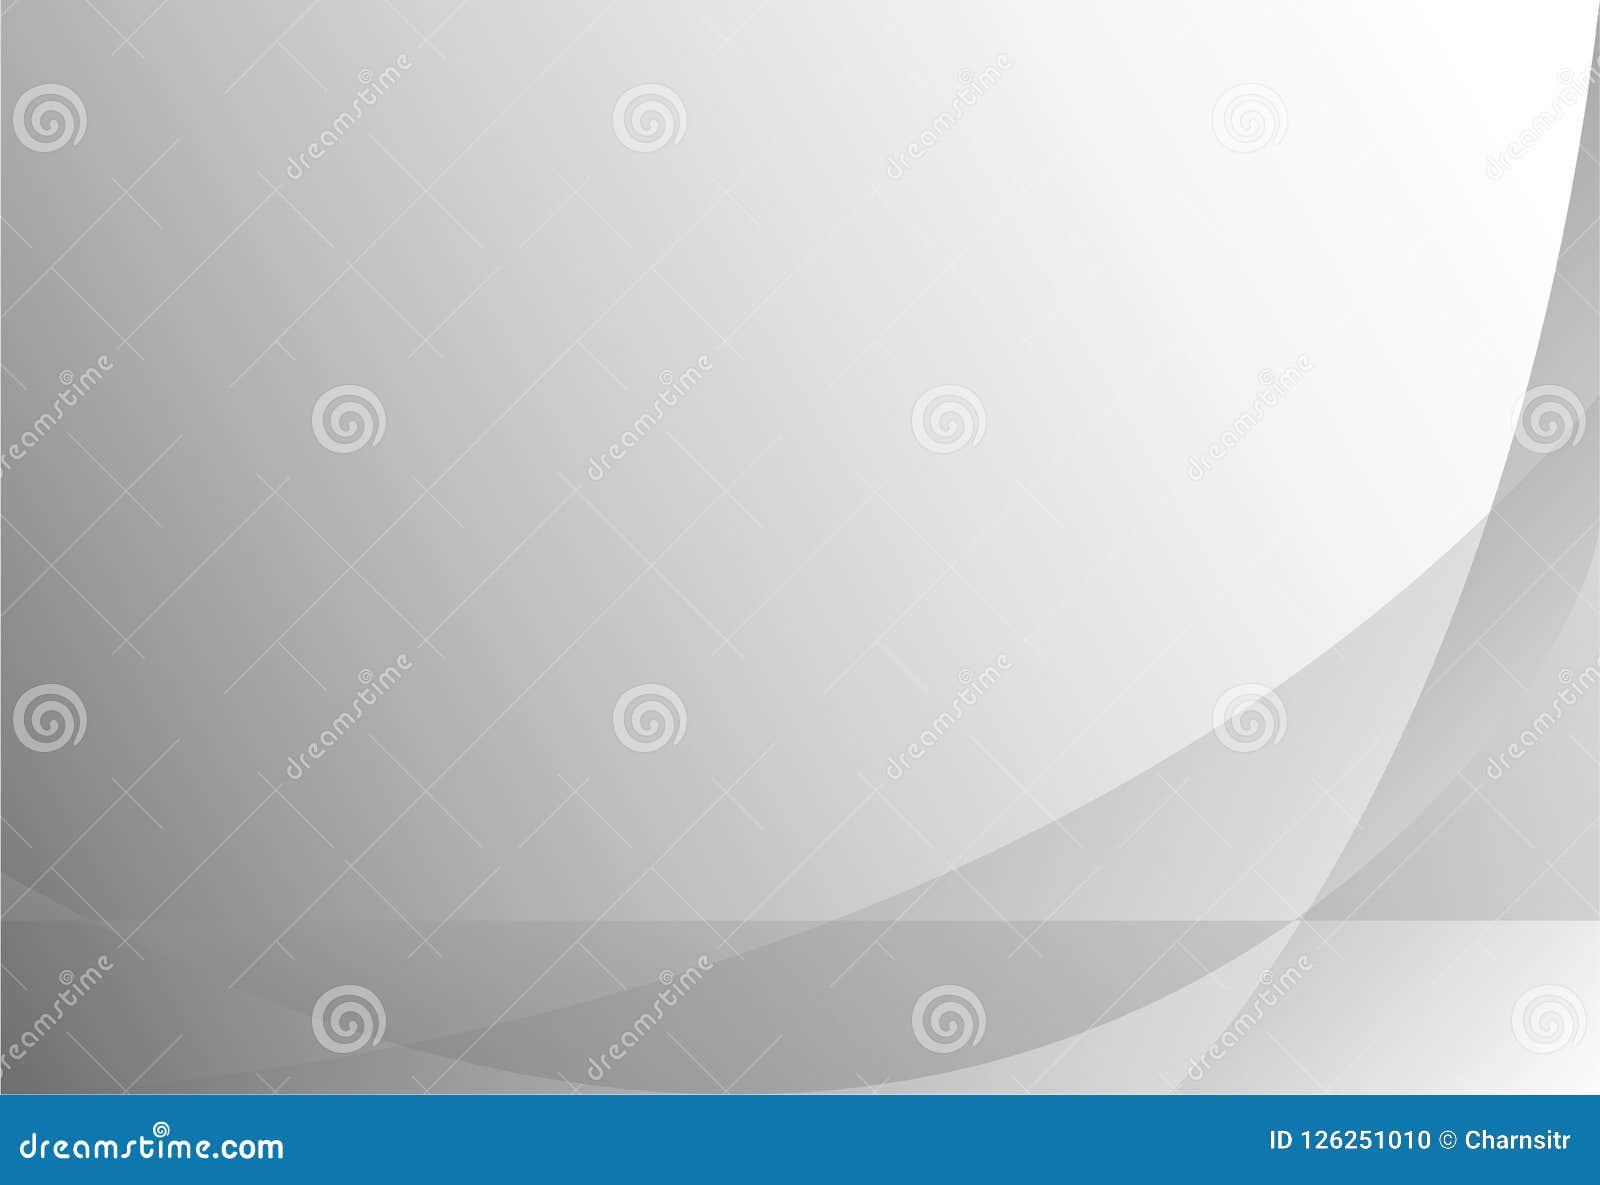 Vettore di fondo geometrico grigio moderno astratto